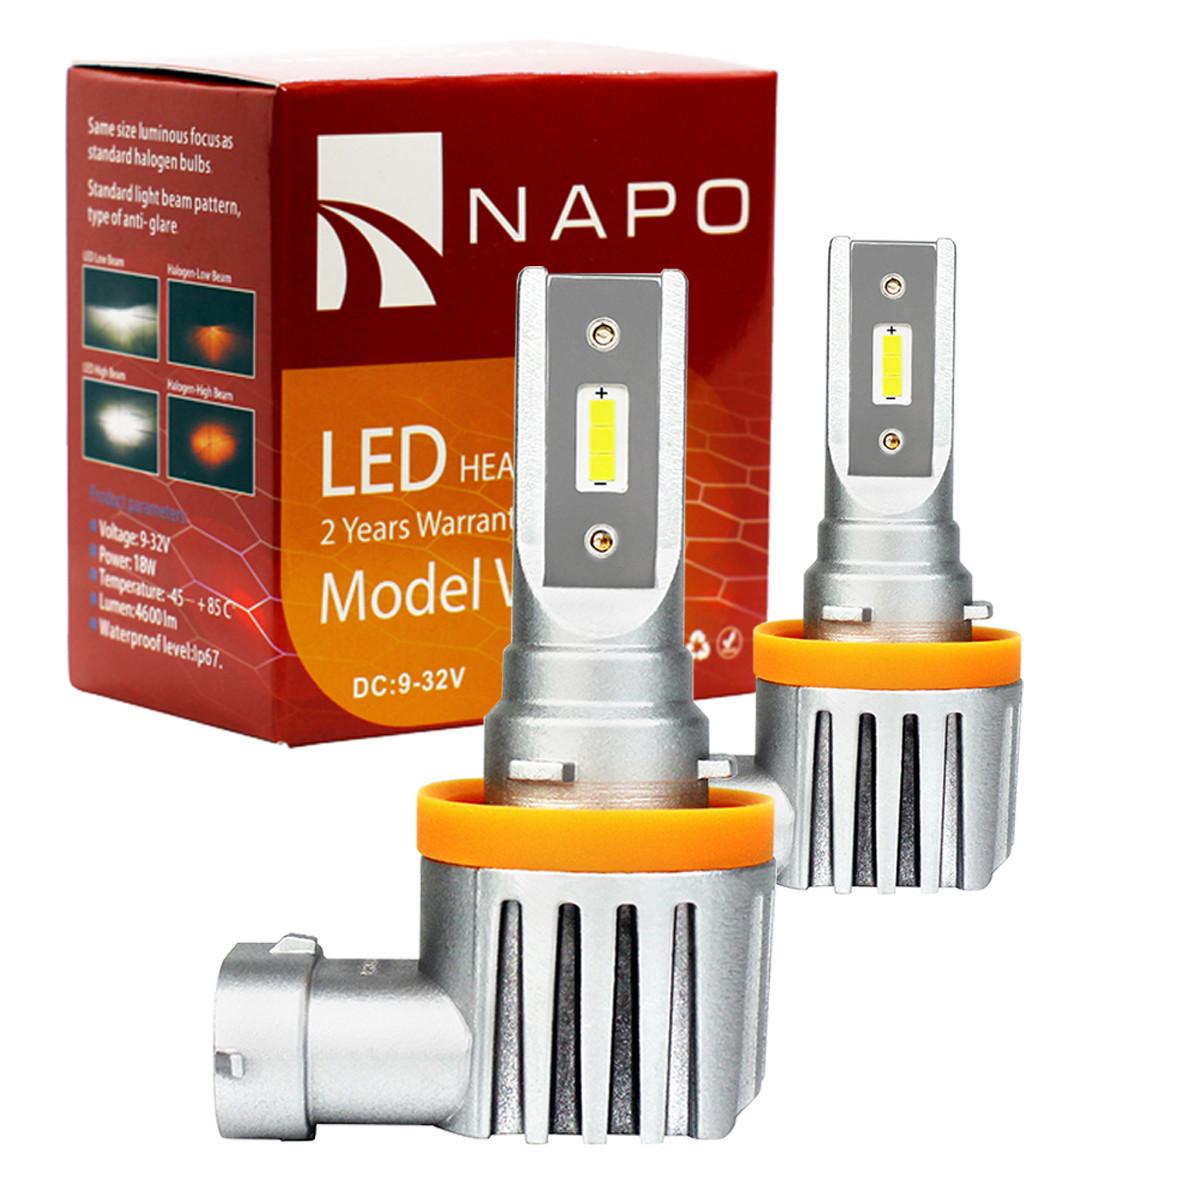 Лампа светодиодная NAPO Model V  H8 4600 Lum, цвет свечения белый, 2 шт/компл. Гарантия 2 года